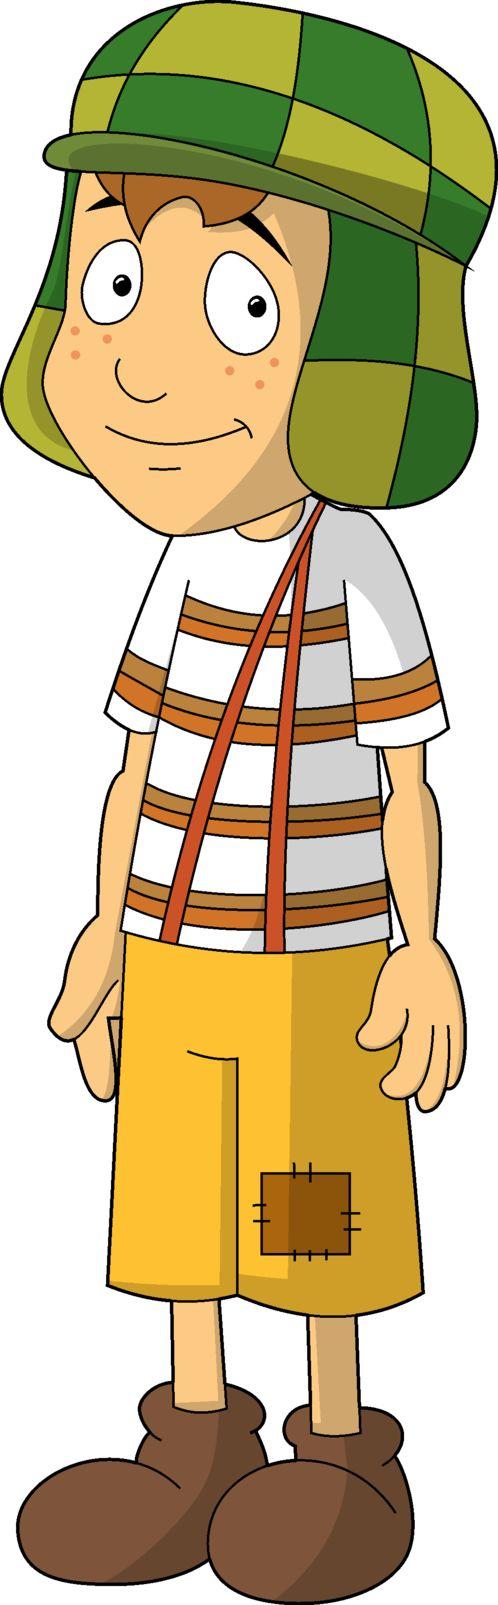 Personaje El Chavo Animado by ncontreras207